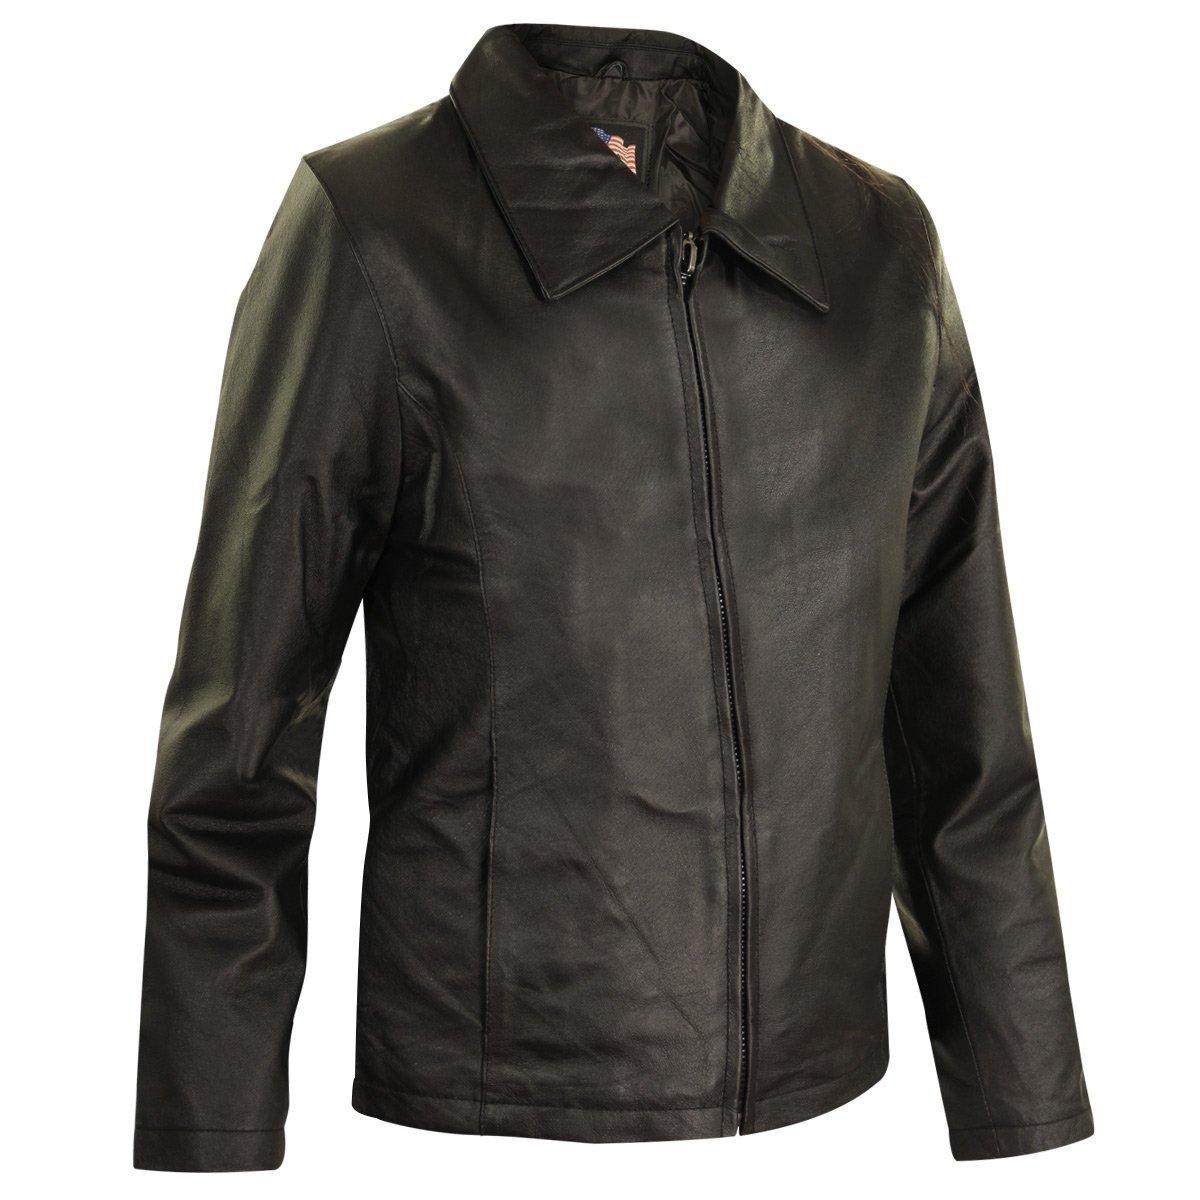 USA Leather Womens Black Leather Jacket - Large